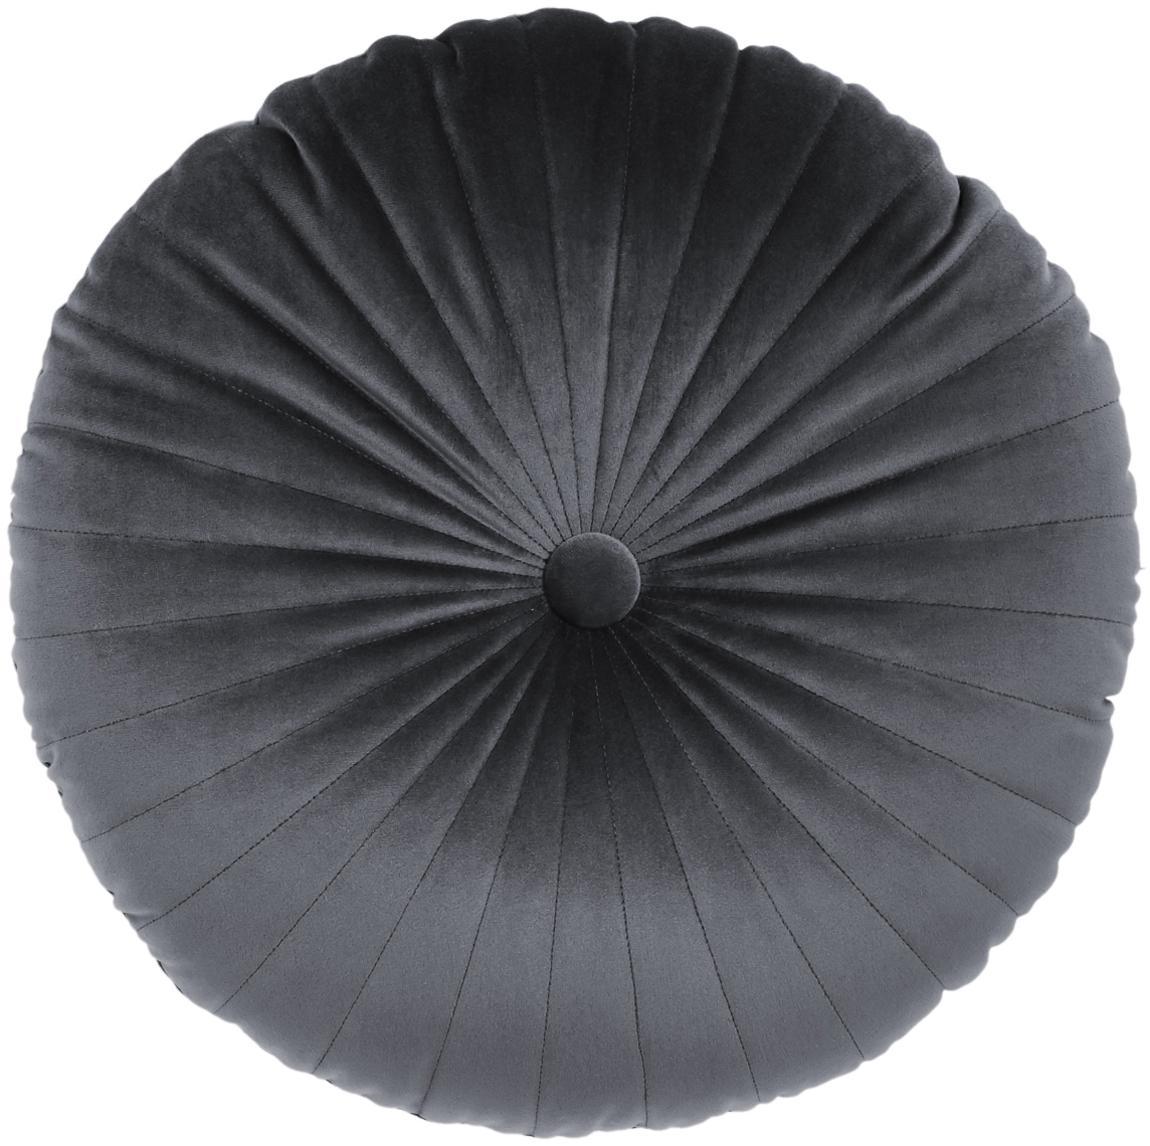 Cuscino in velluto lucido con imbottitura Monet, Rivestimento: 100% velluto di poliester, Grigio scuro, Ø 40 cm